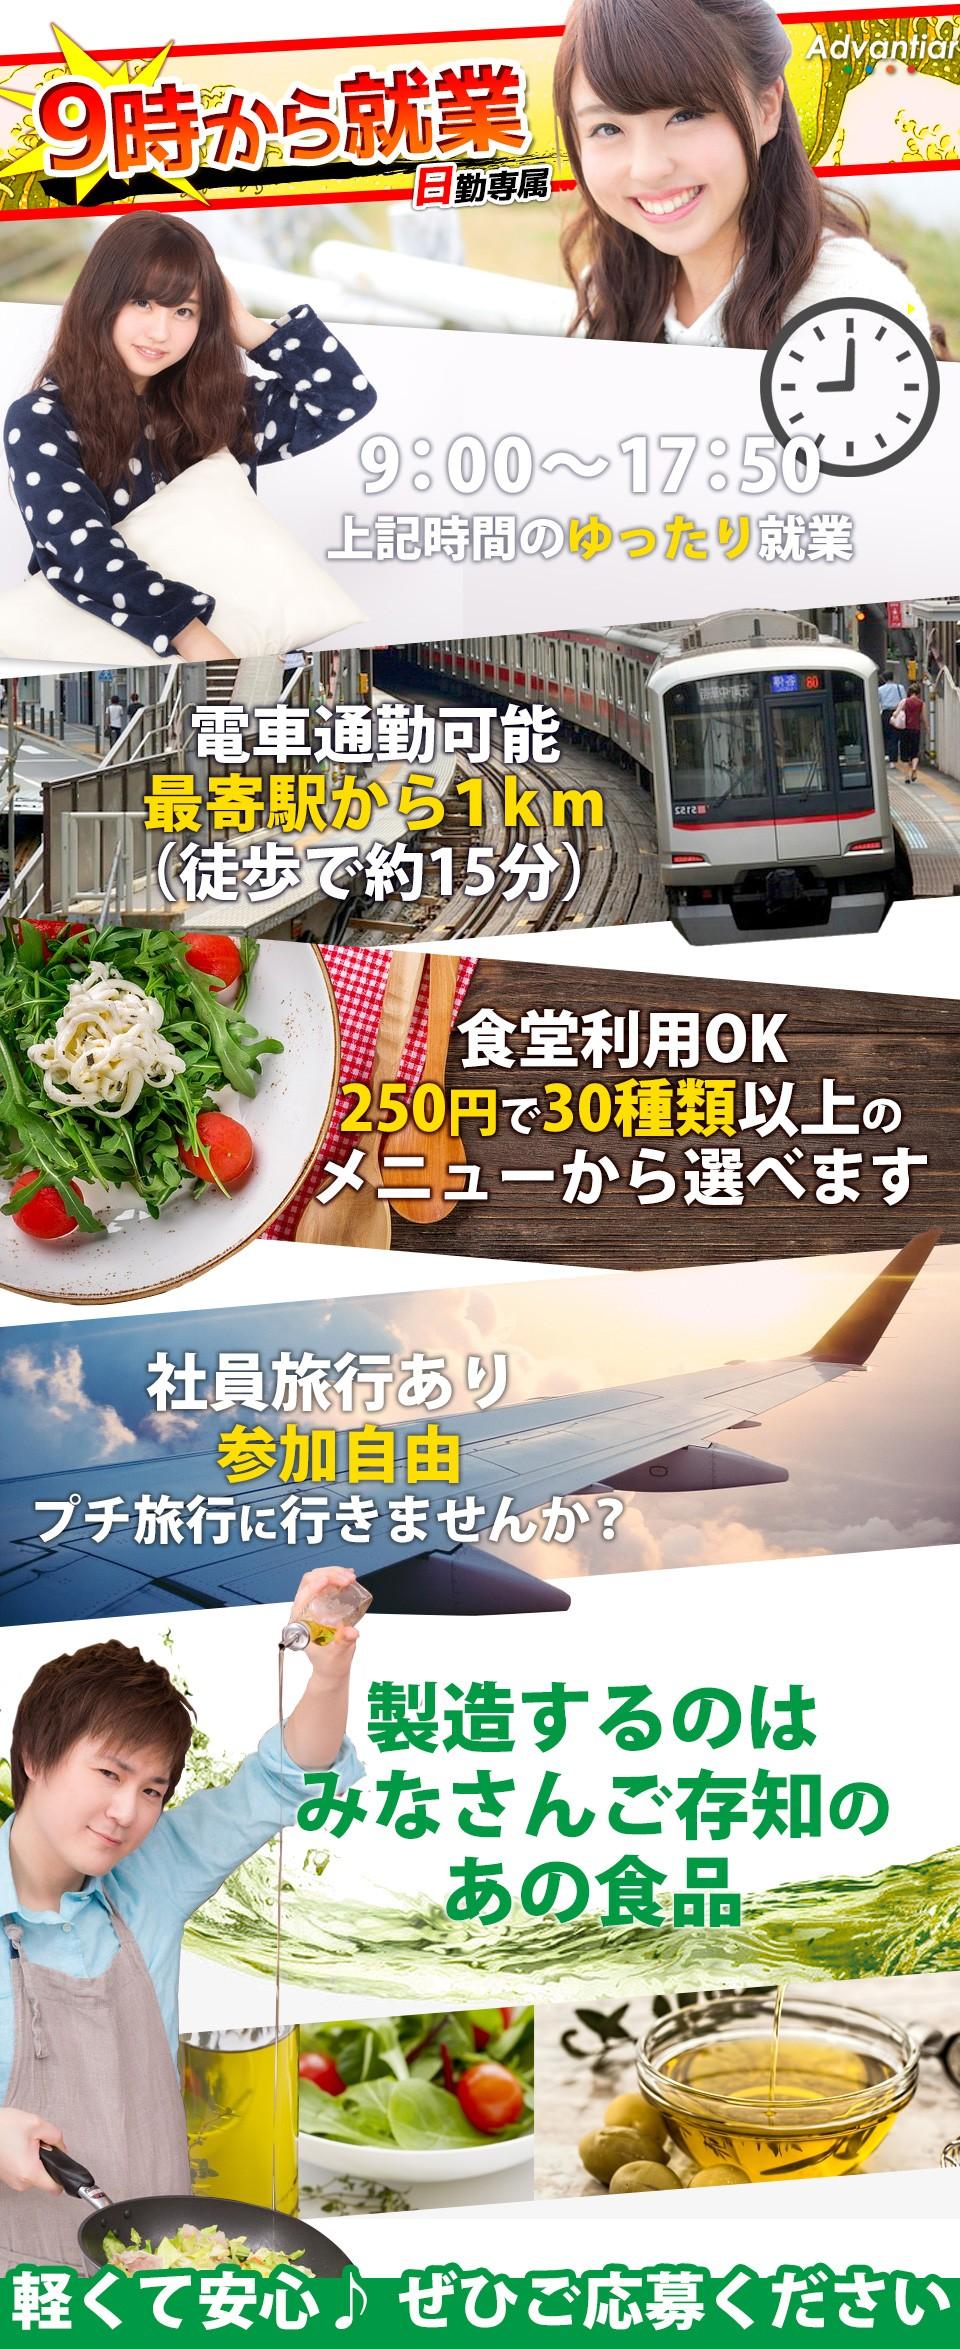 食品の製造 愛知県豊田市の派遣社員求人